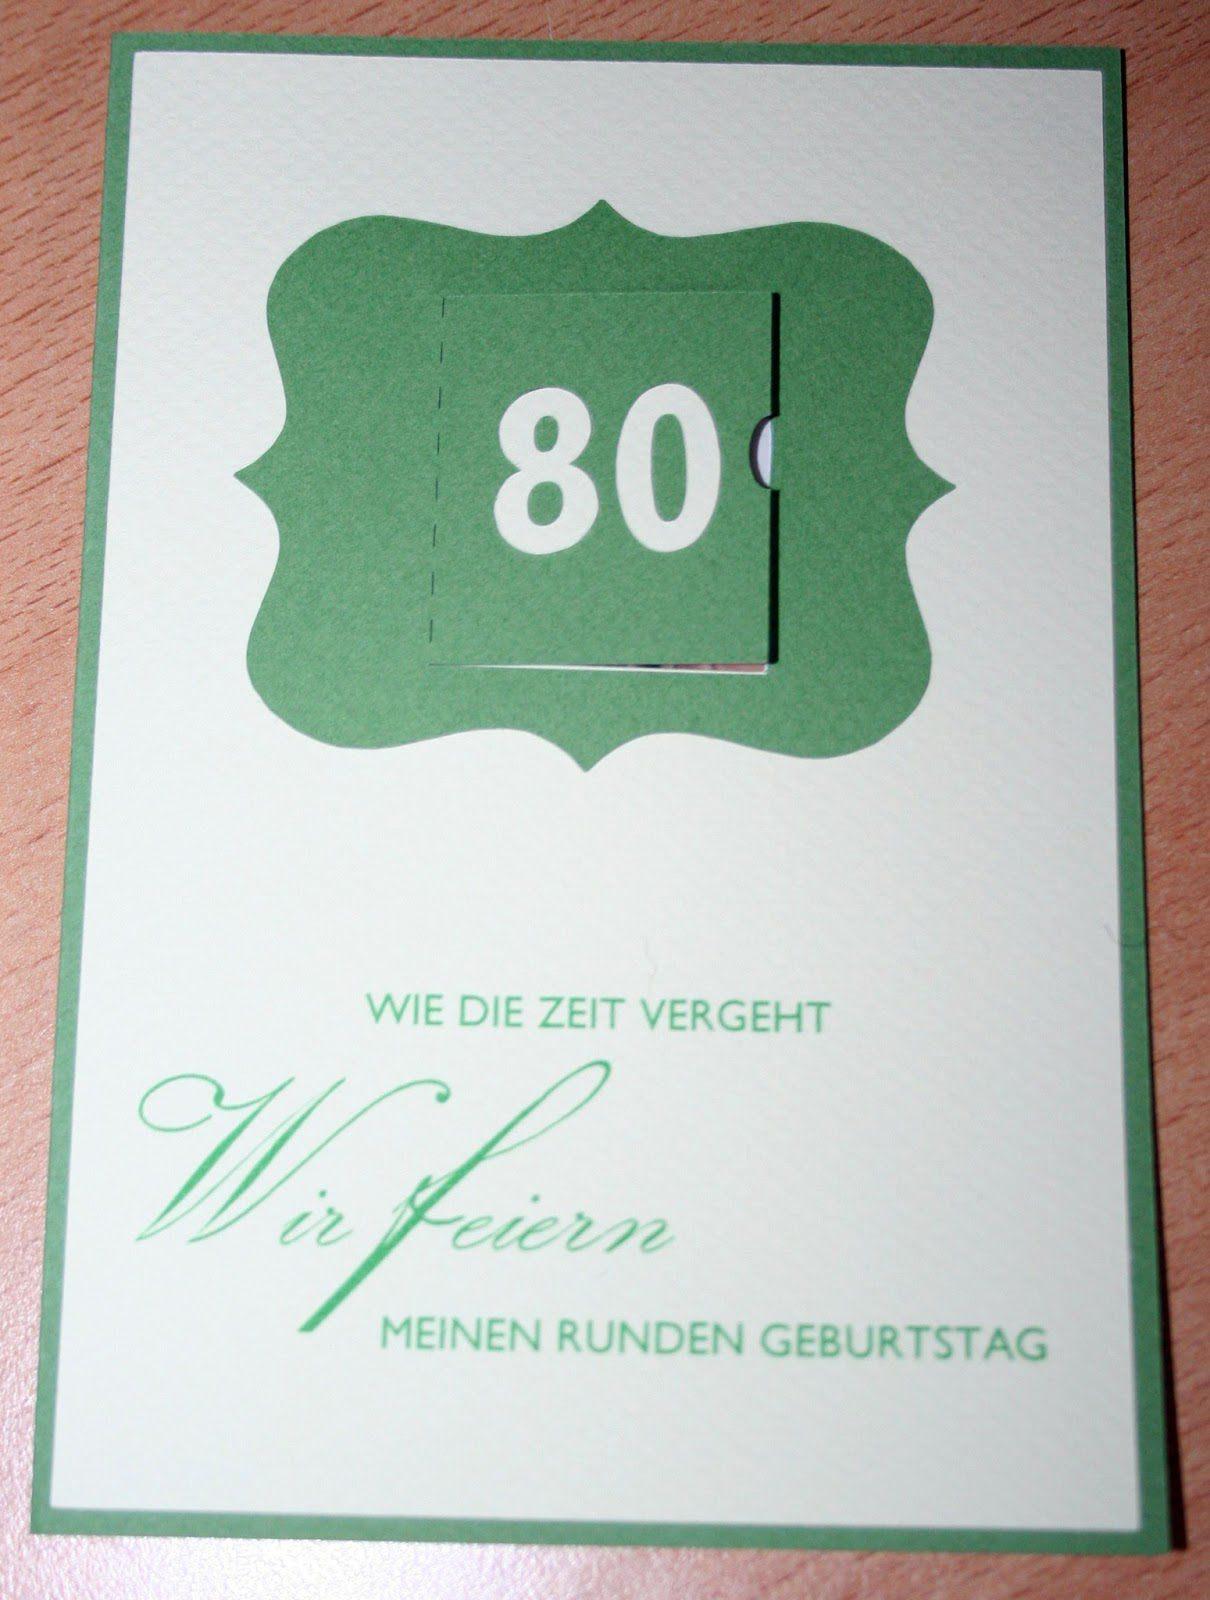 einladung zum 80 geburtstag einladung zum 80 geburtstag. Black Bedroom Furniture Sets. Home Design Ideas